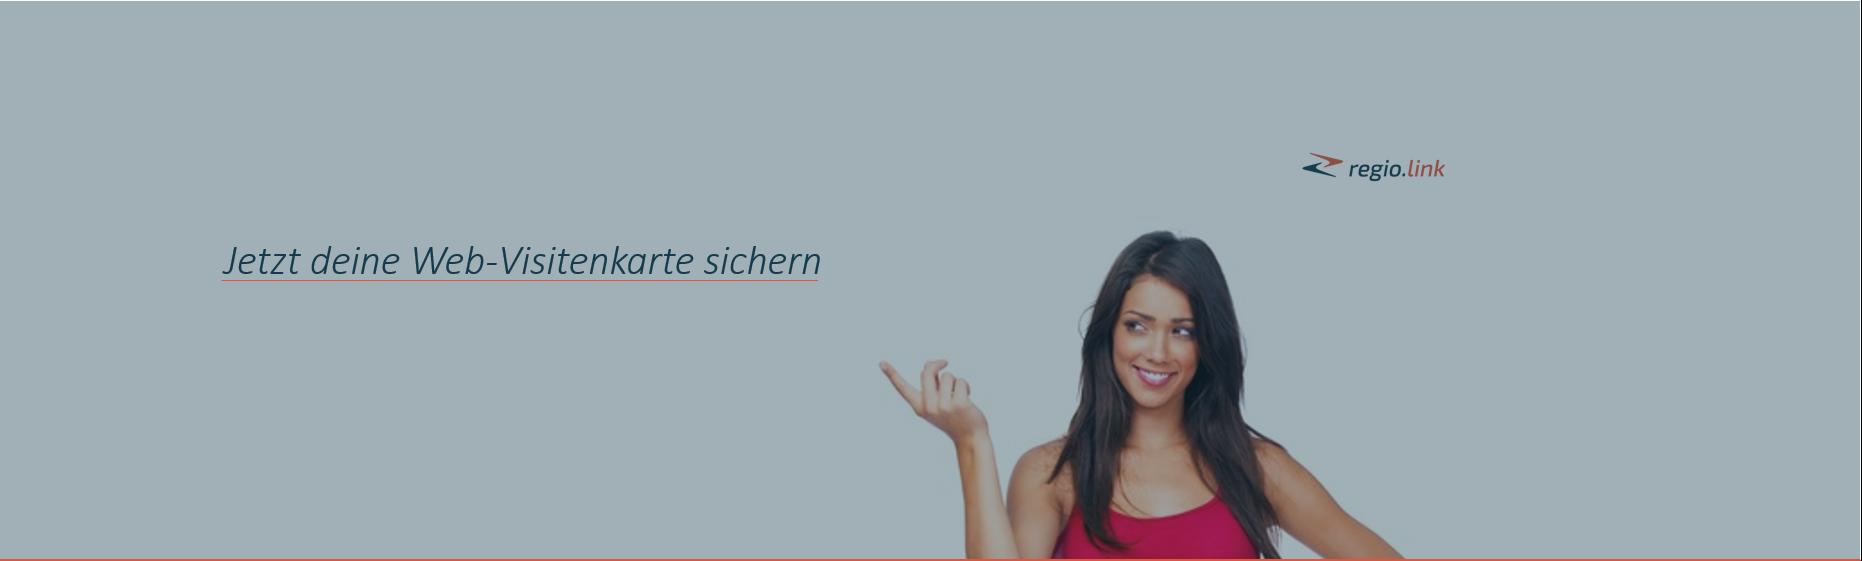 Web Visitenkarte ⭐⭐⭐⭐⭐ | Für Berliner Unternehmen